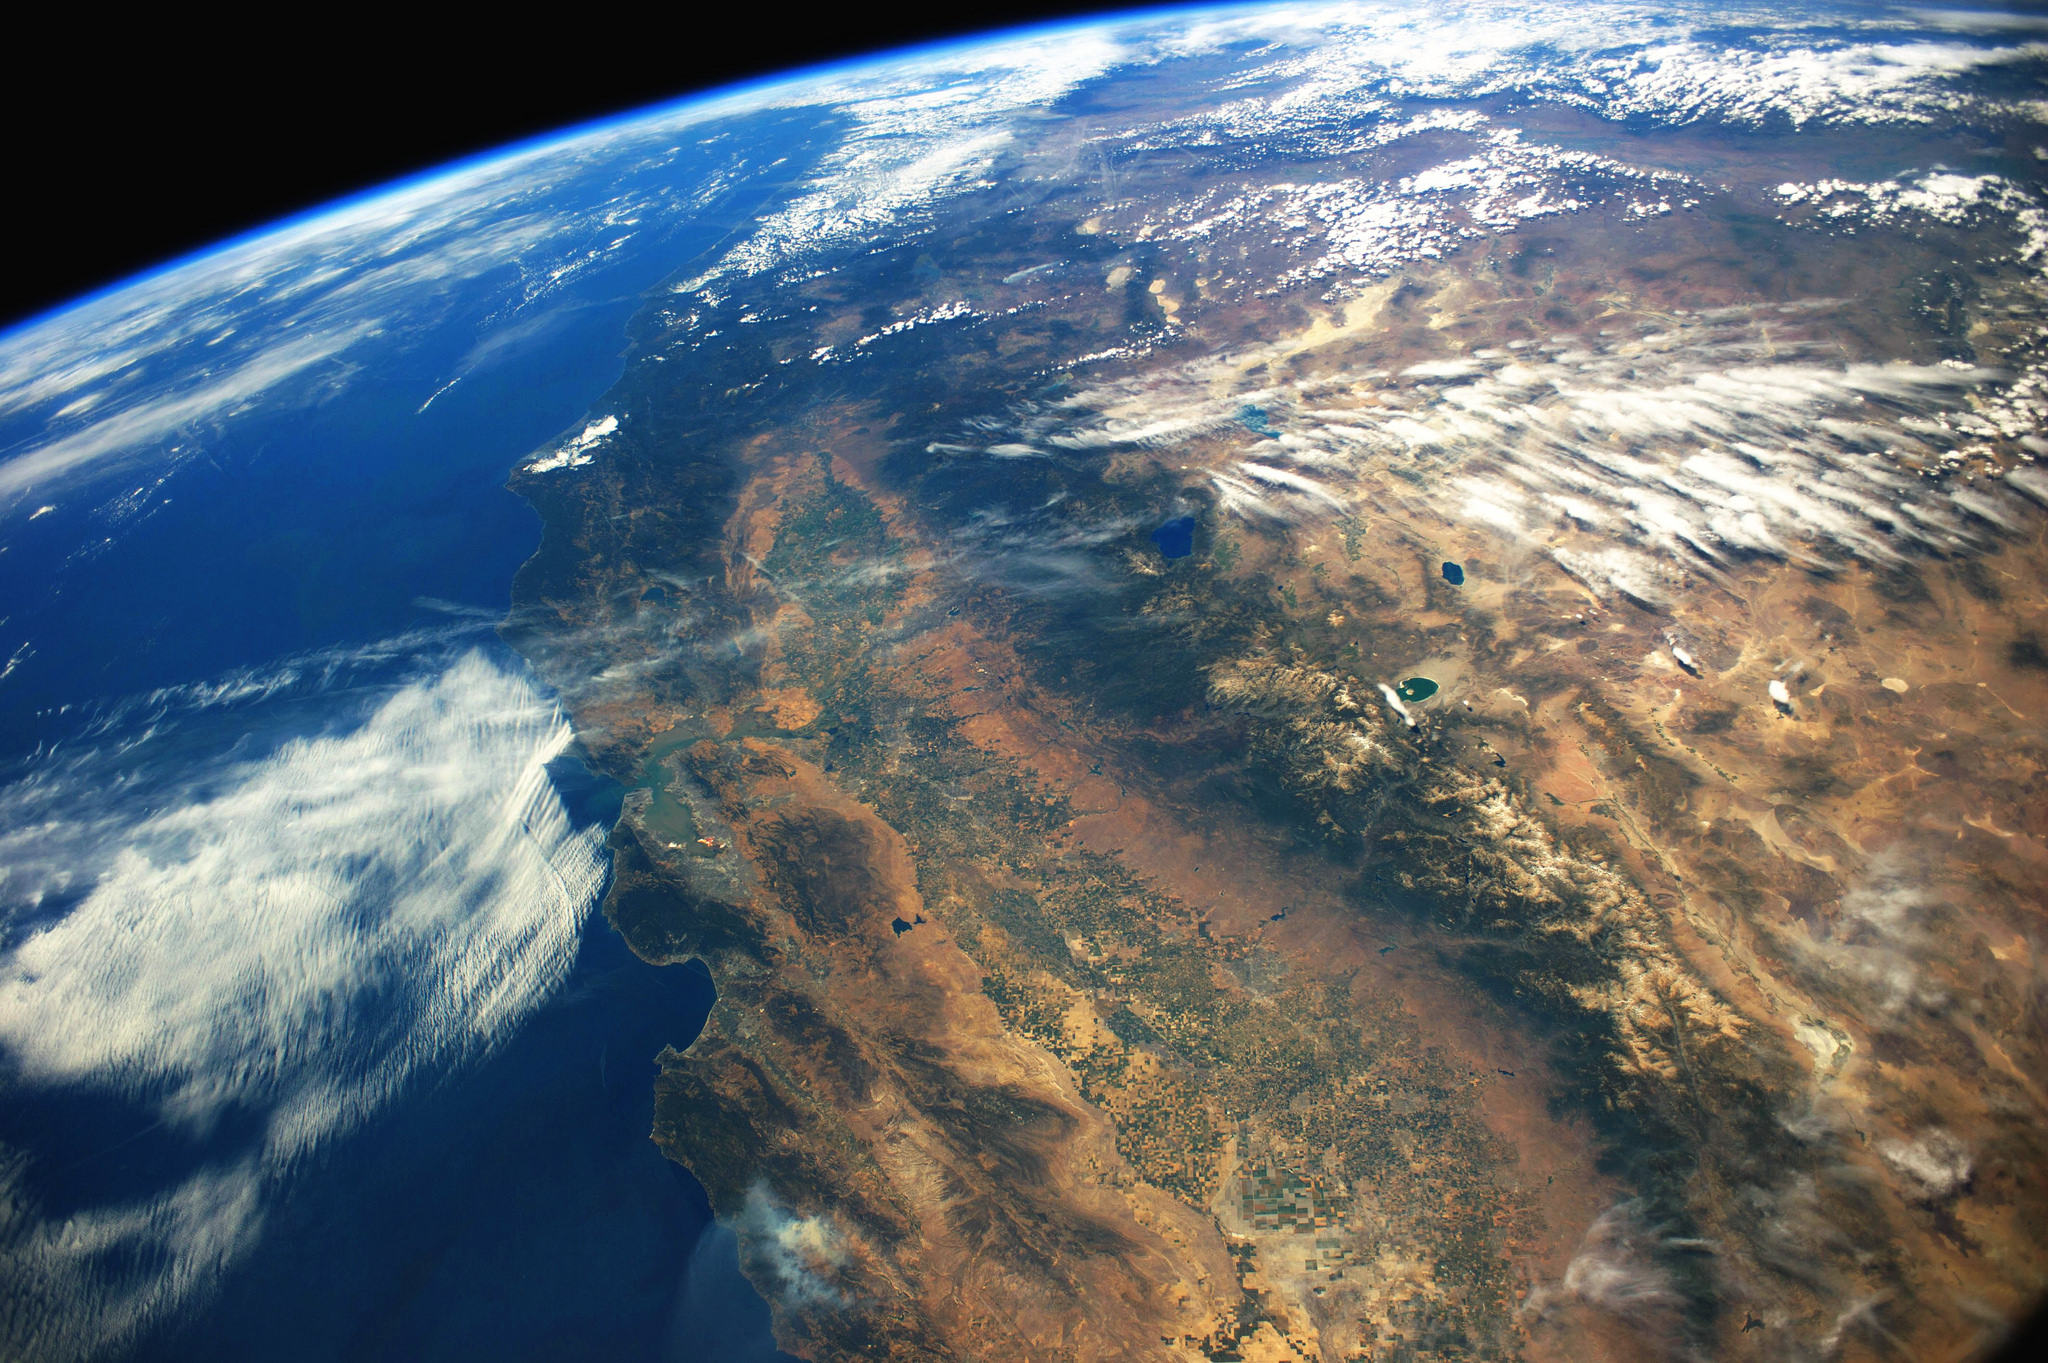 california drought nasa - photo #20